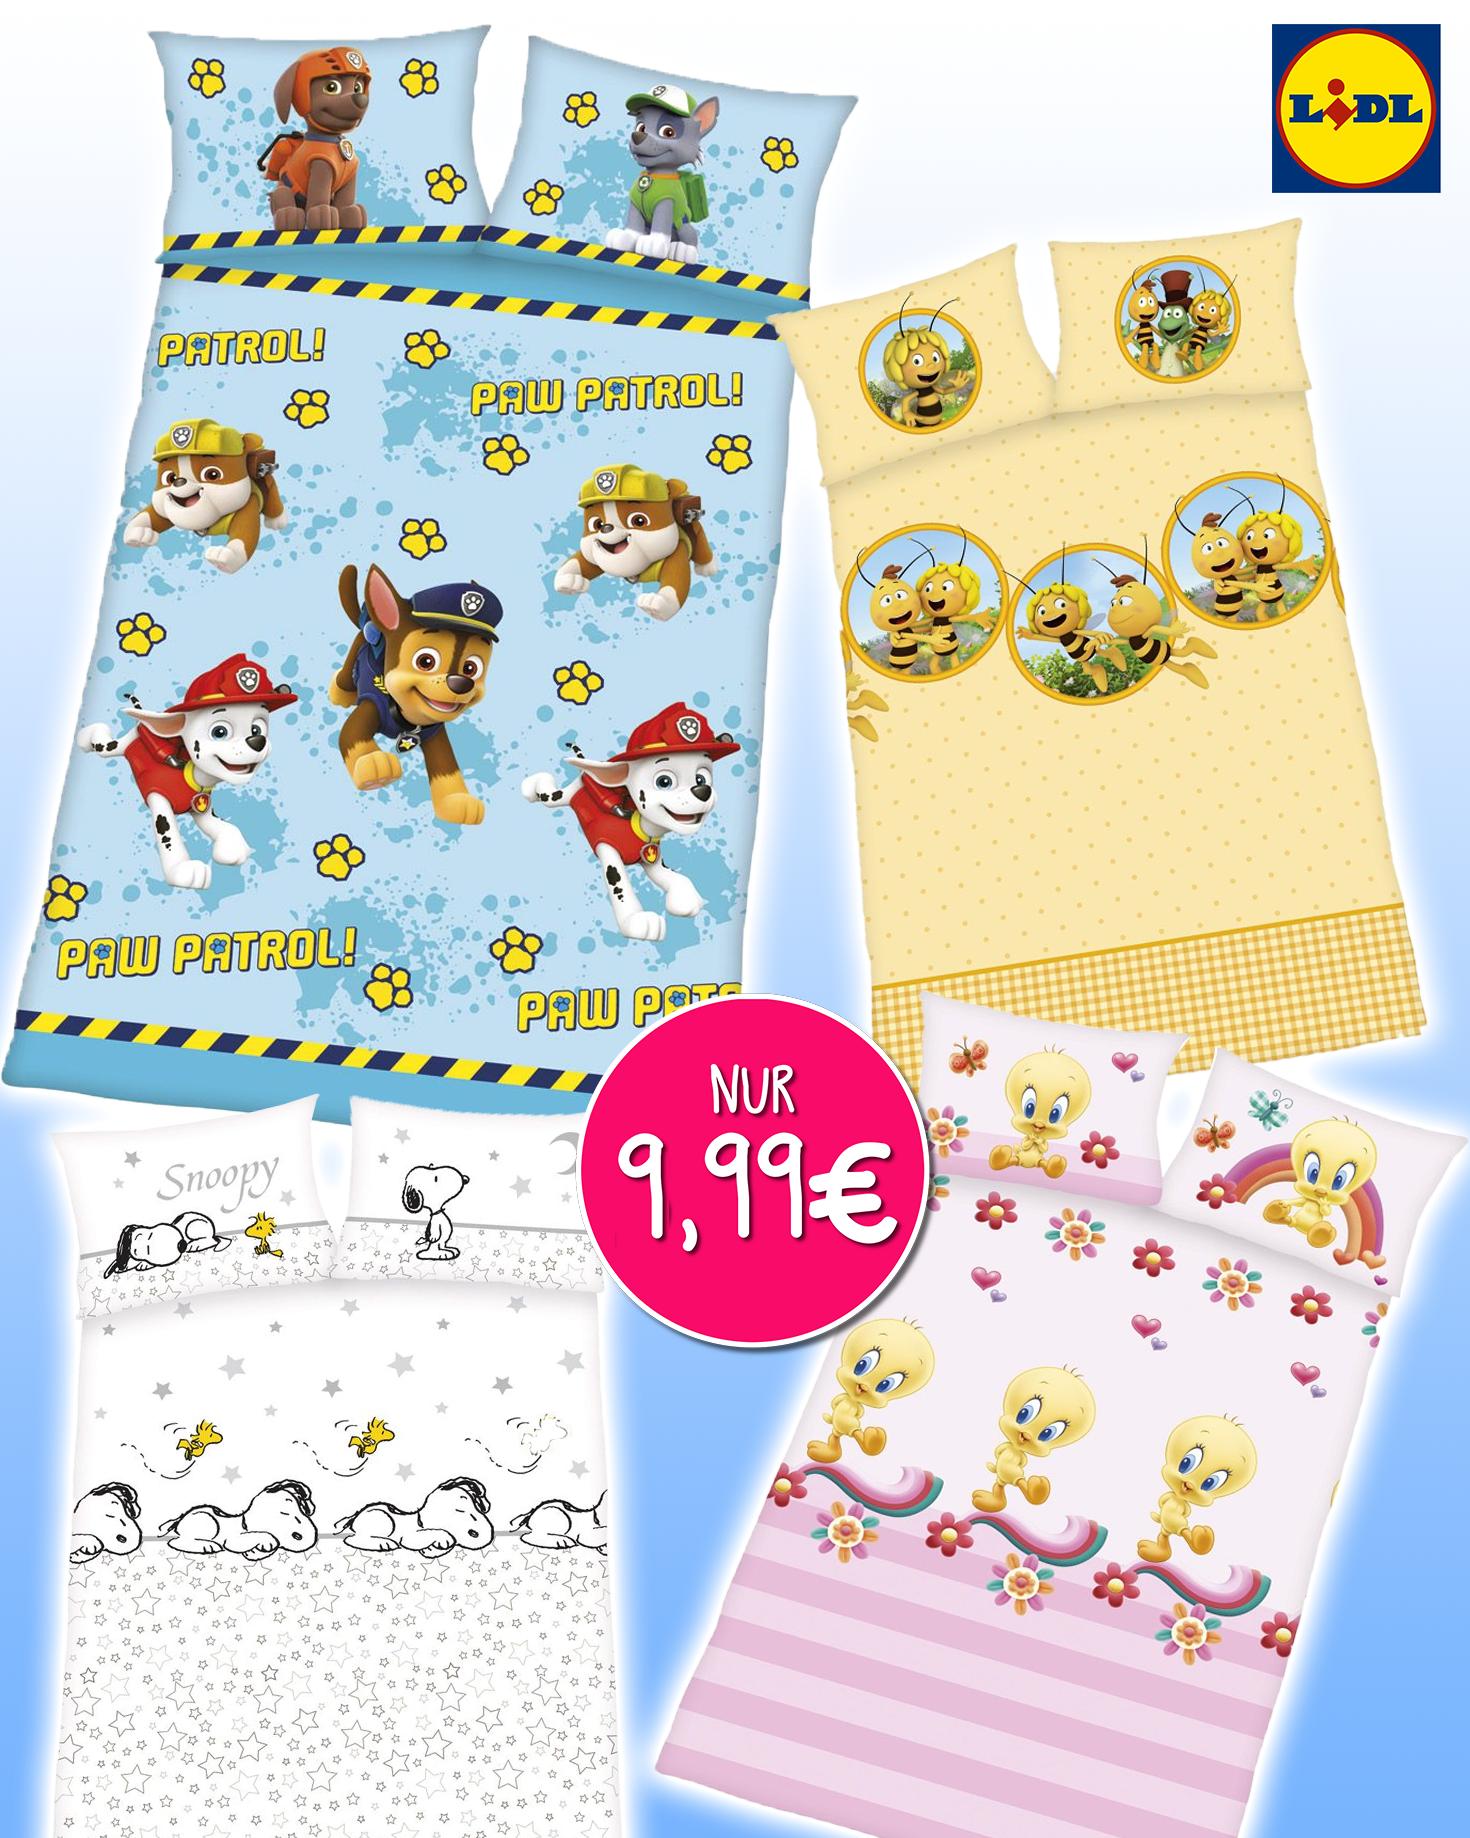 Kinderbettwäsche Jetzt Im Sale Bei Lidl Meinbaby123de